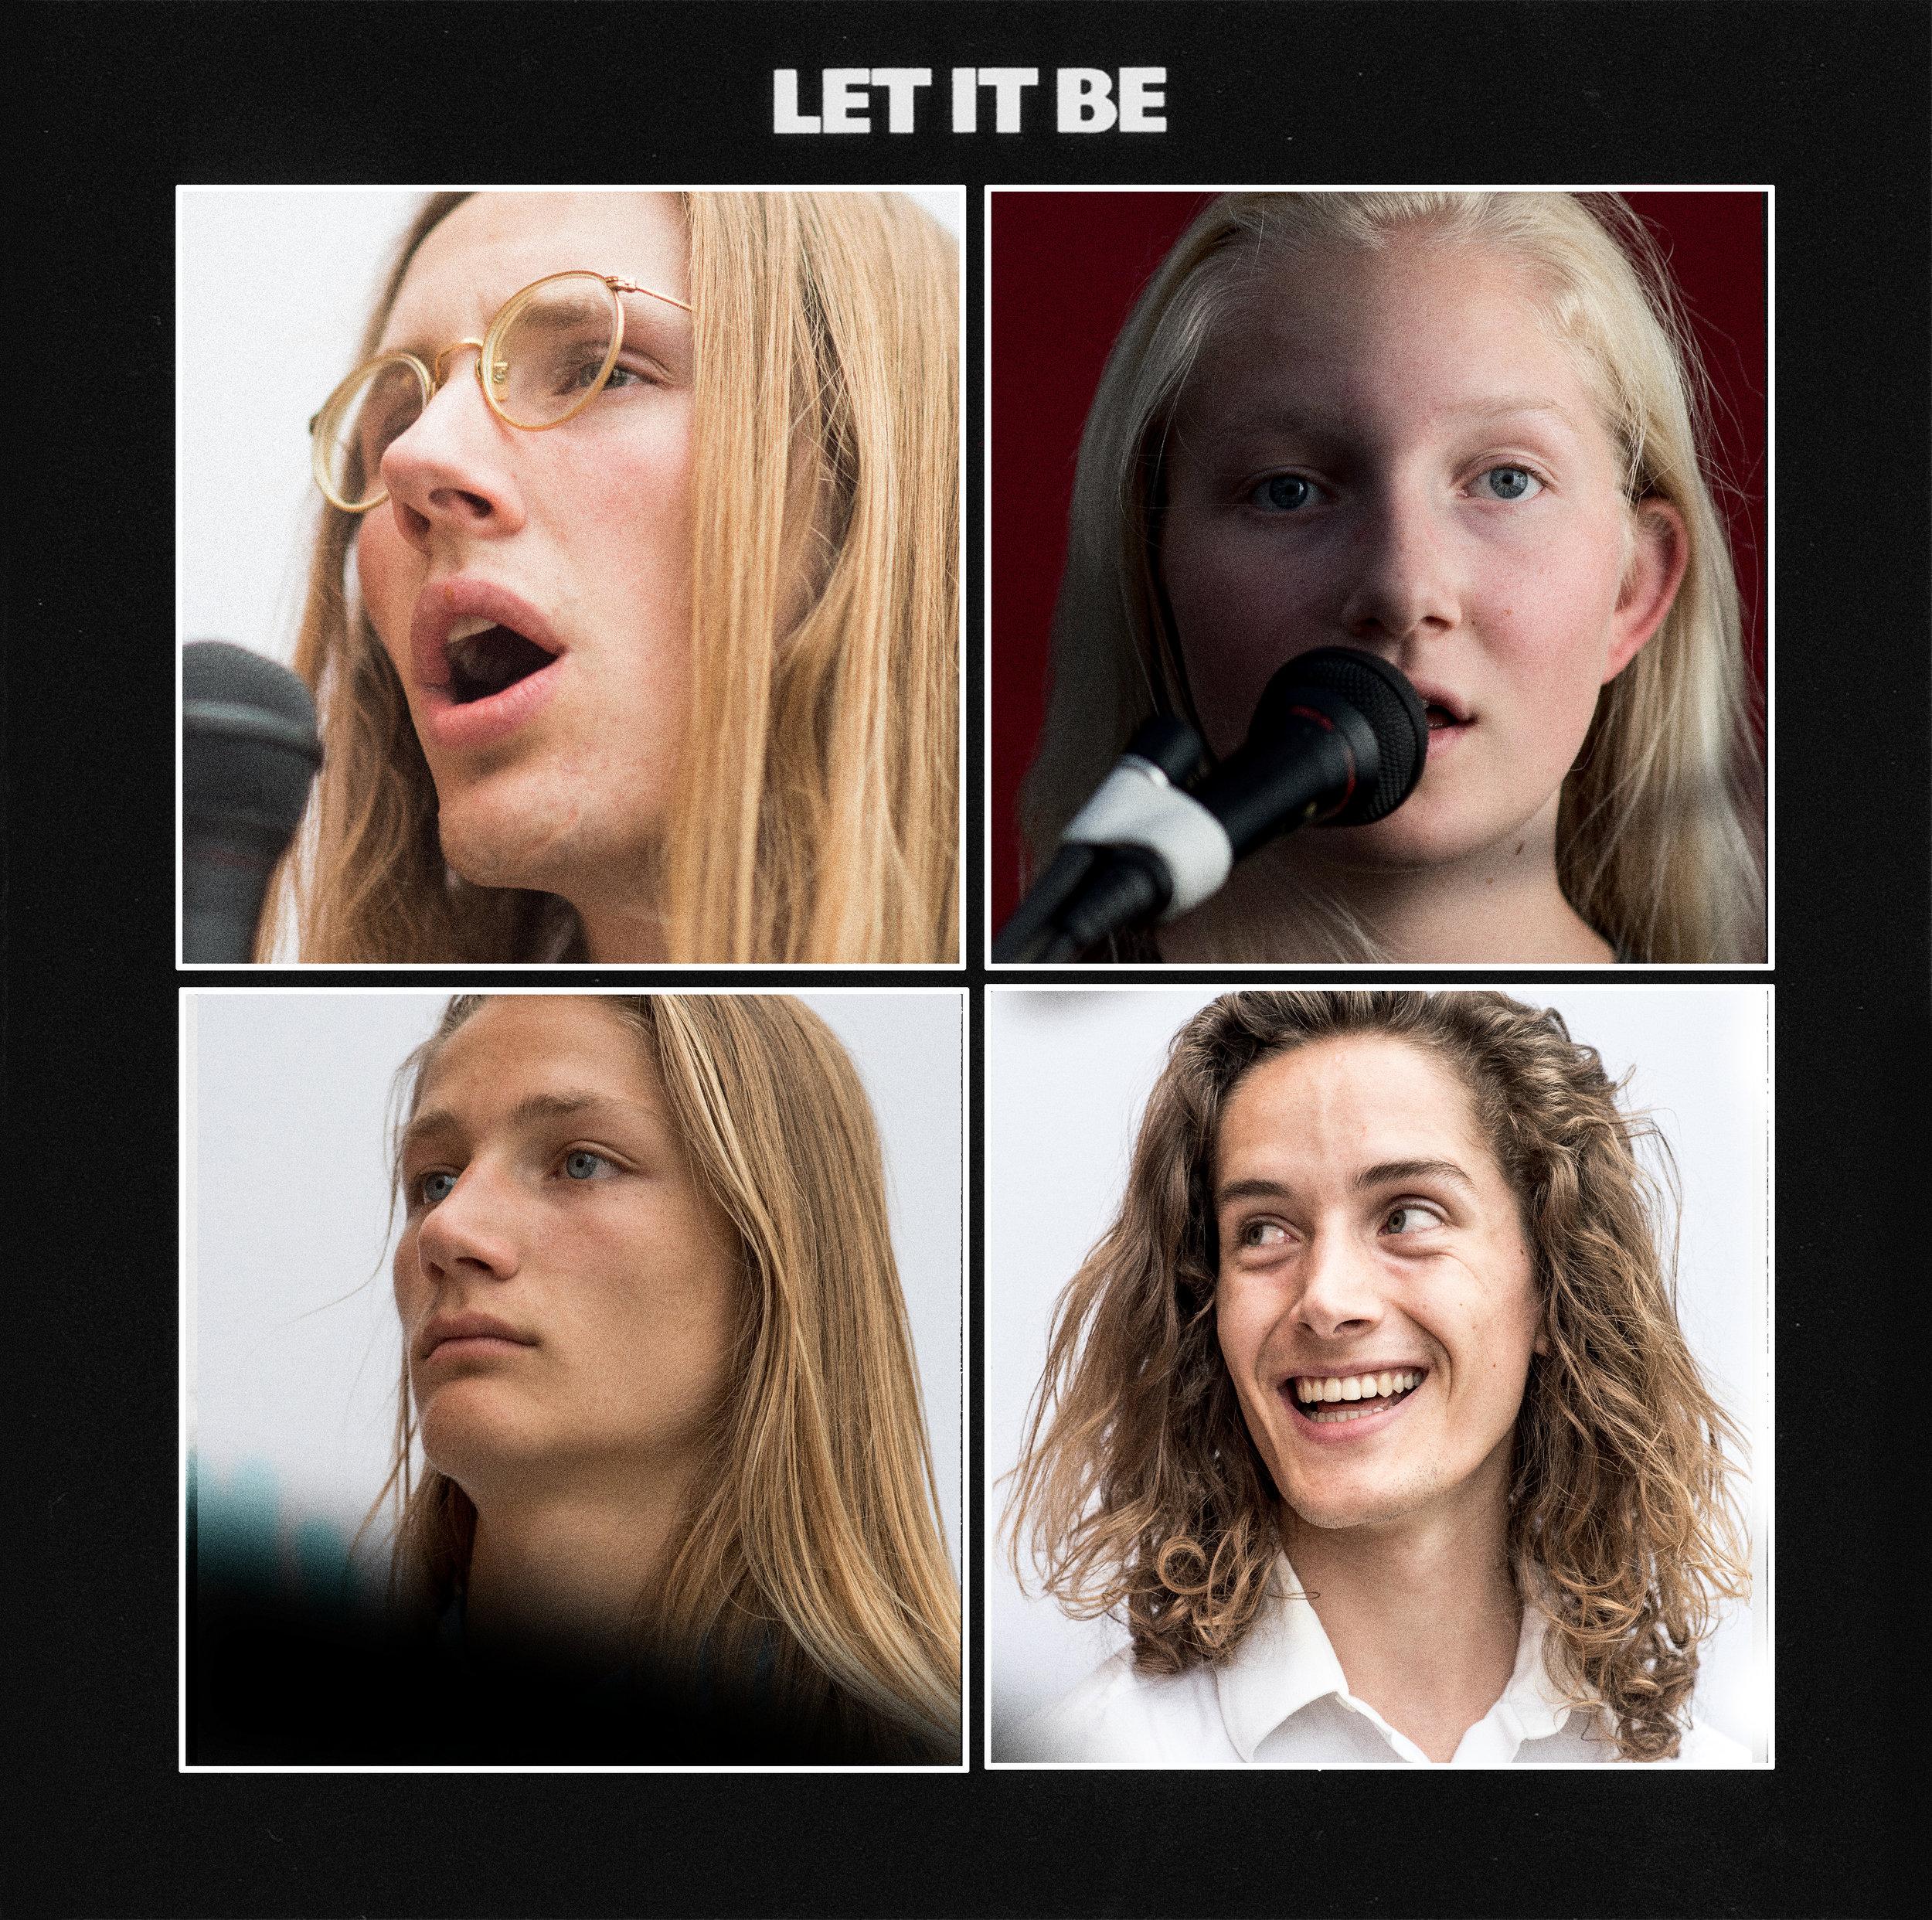 let it be.jpg